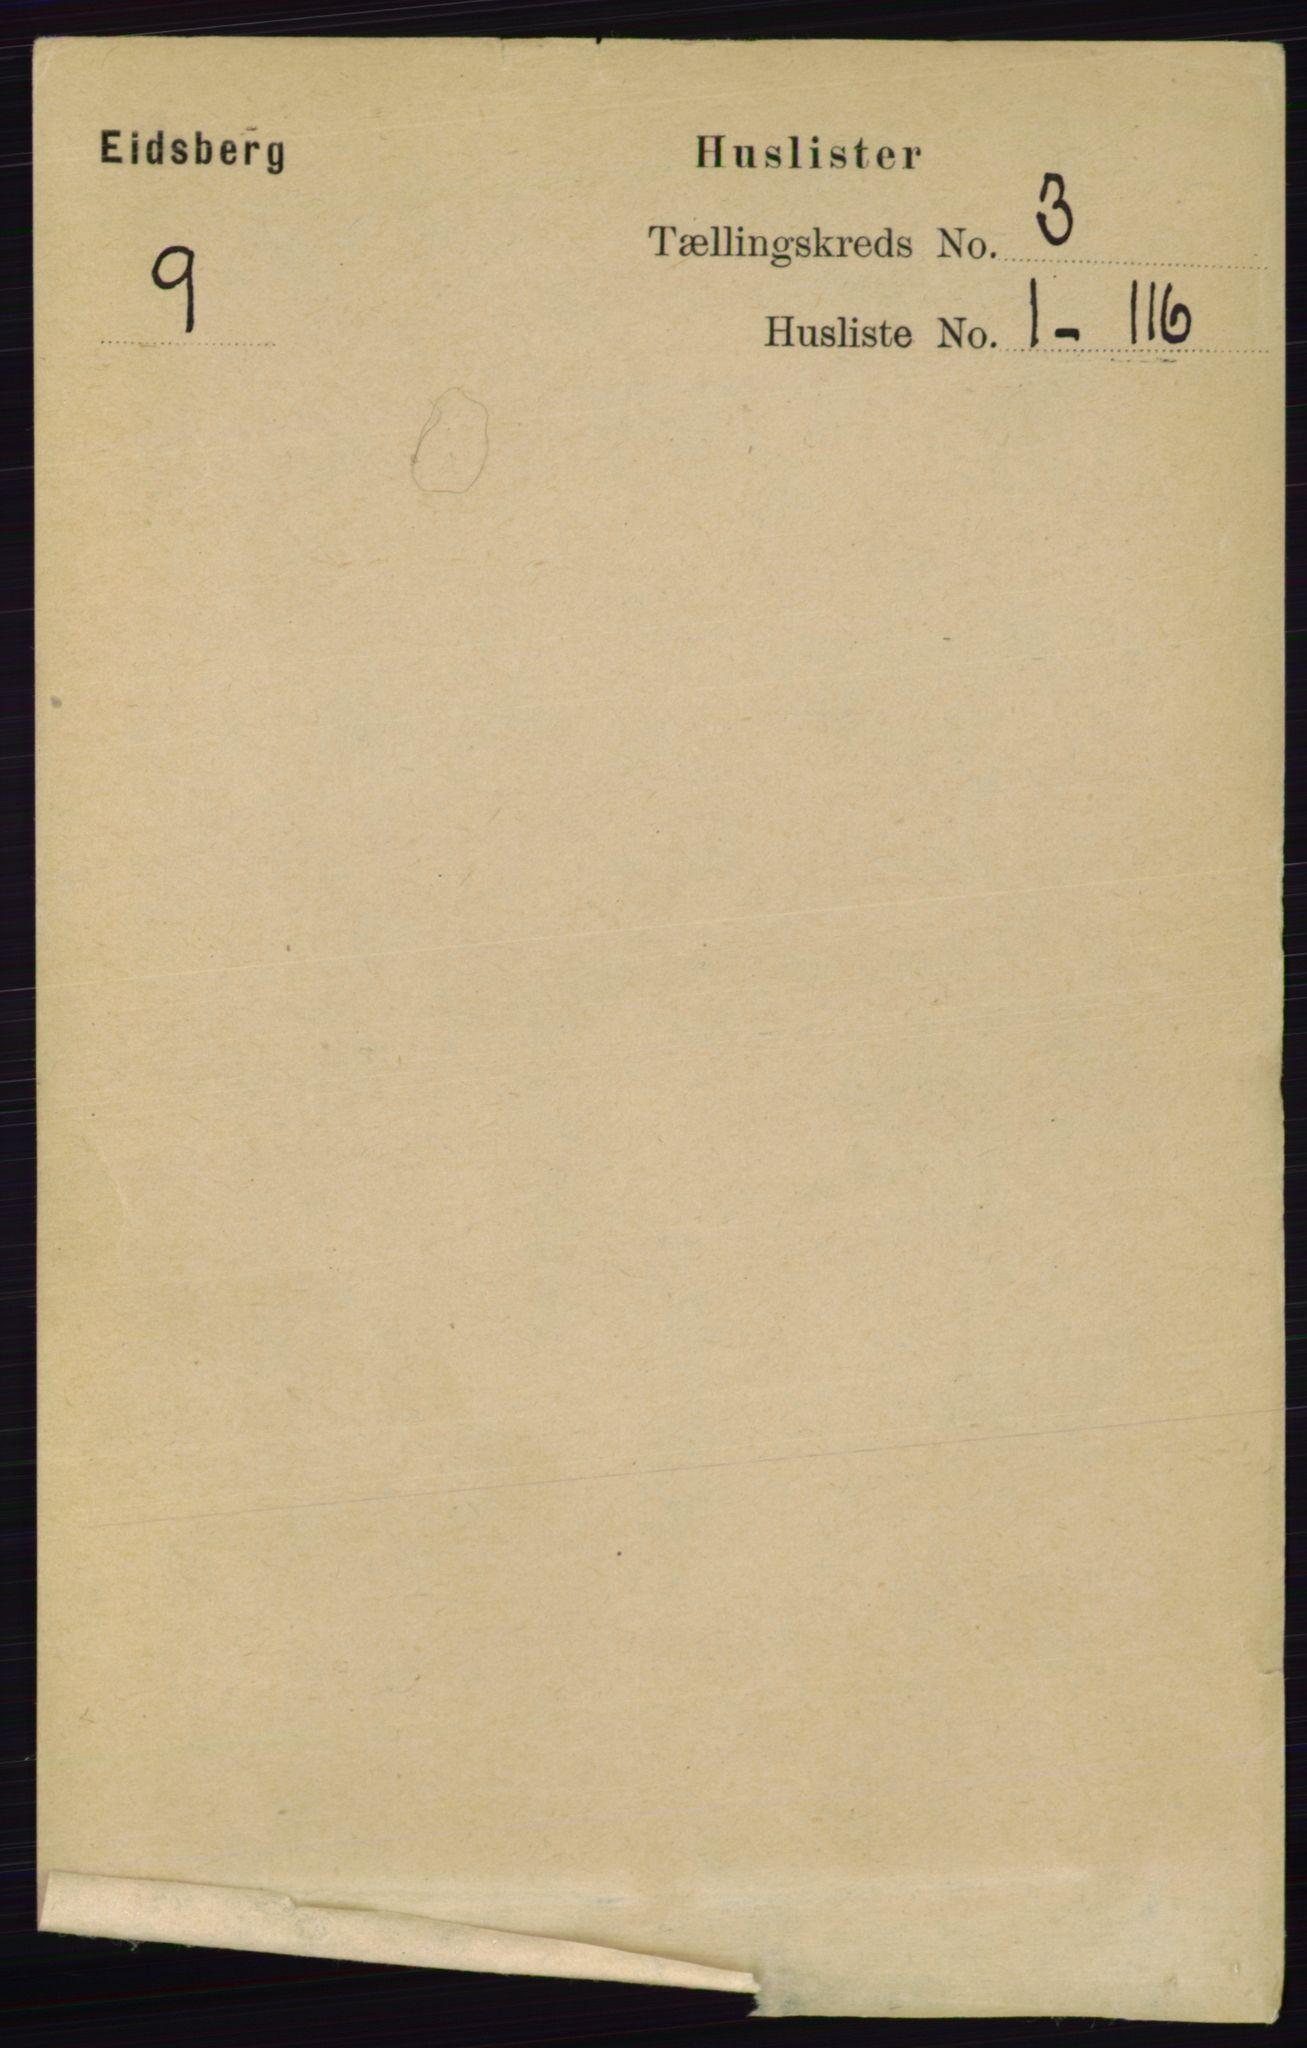 RA, Folketelling 1891 for 0125 Eidsberg herred, 1891, s. 1318